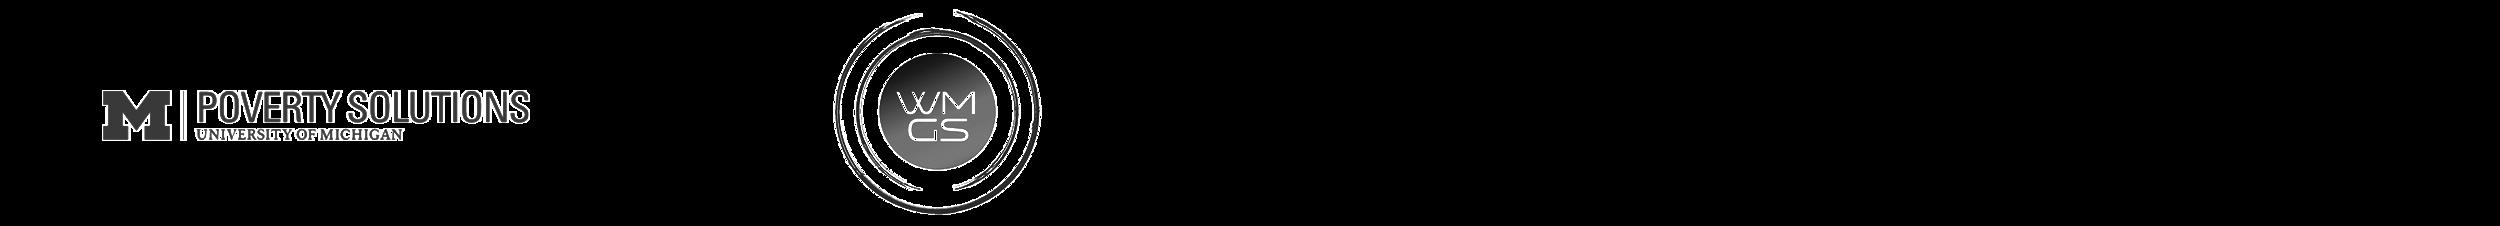 partners-logos-4.png